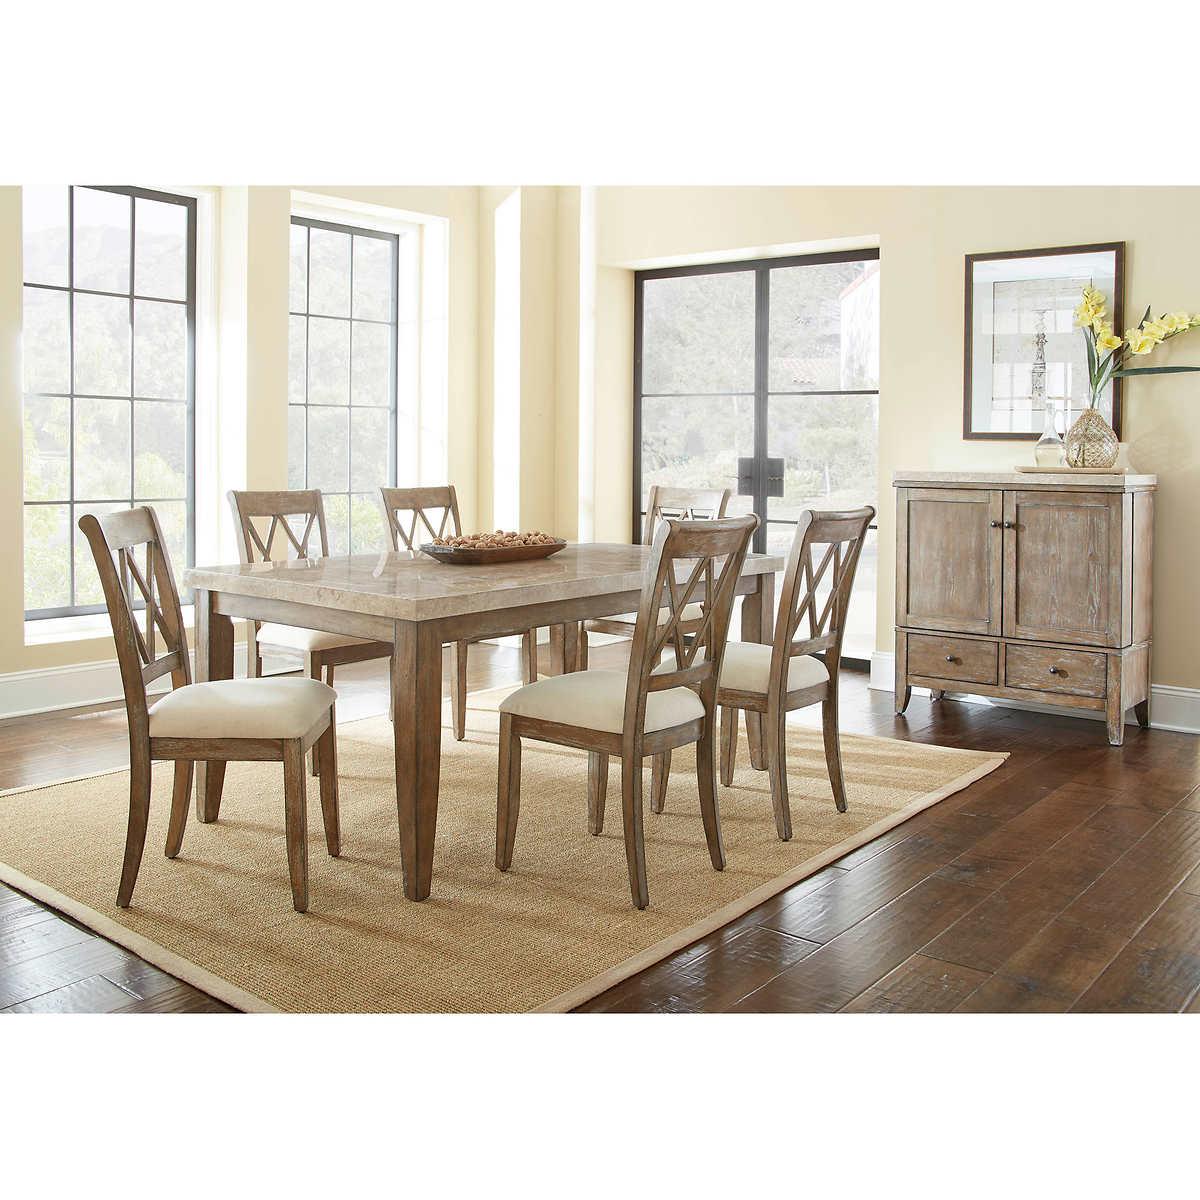 McClintock Costco - Costco dining room sets